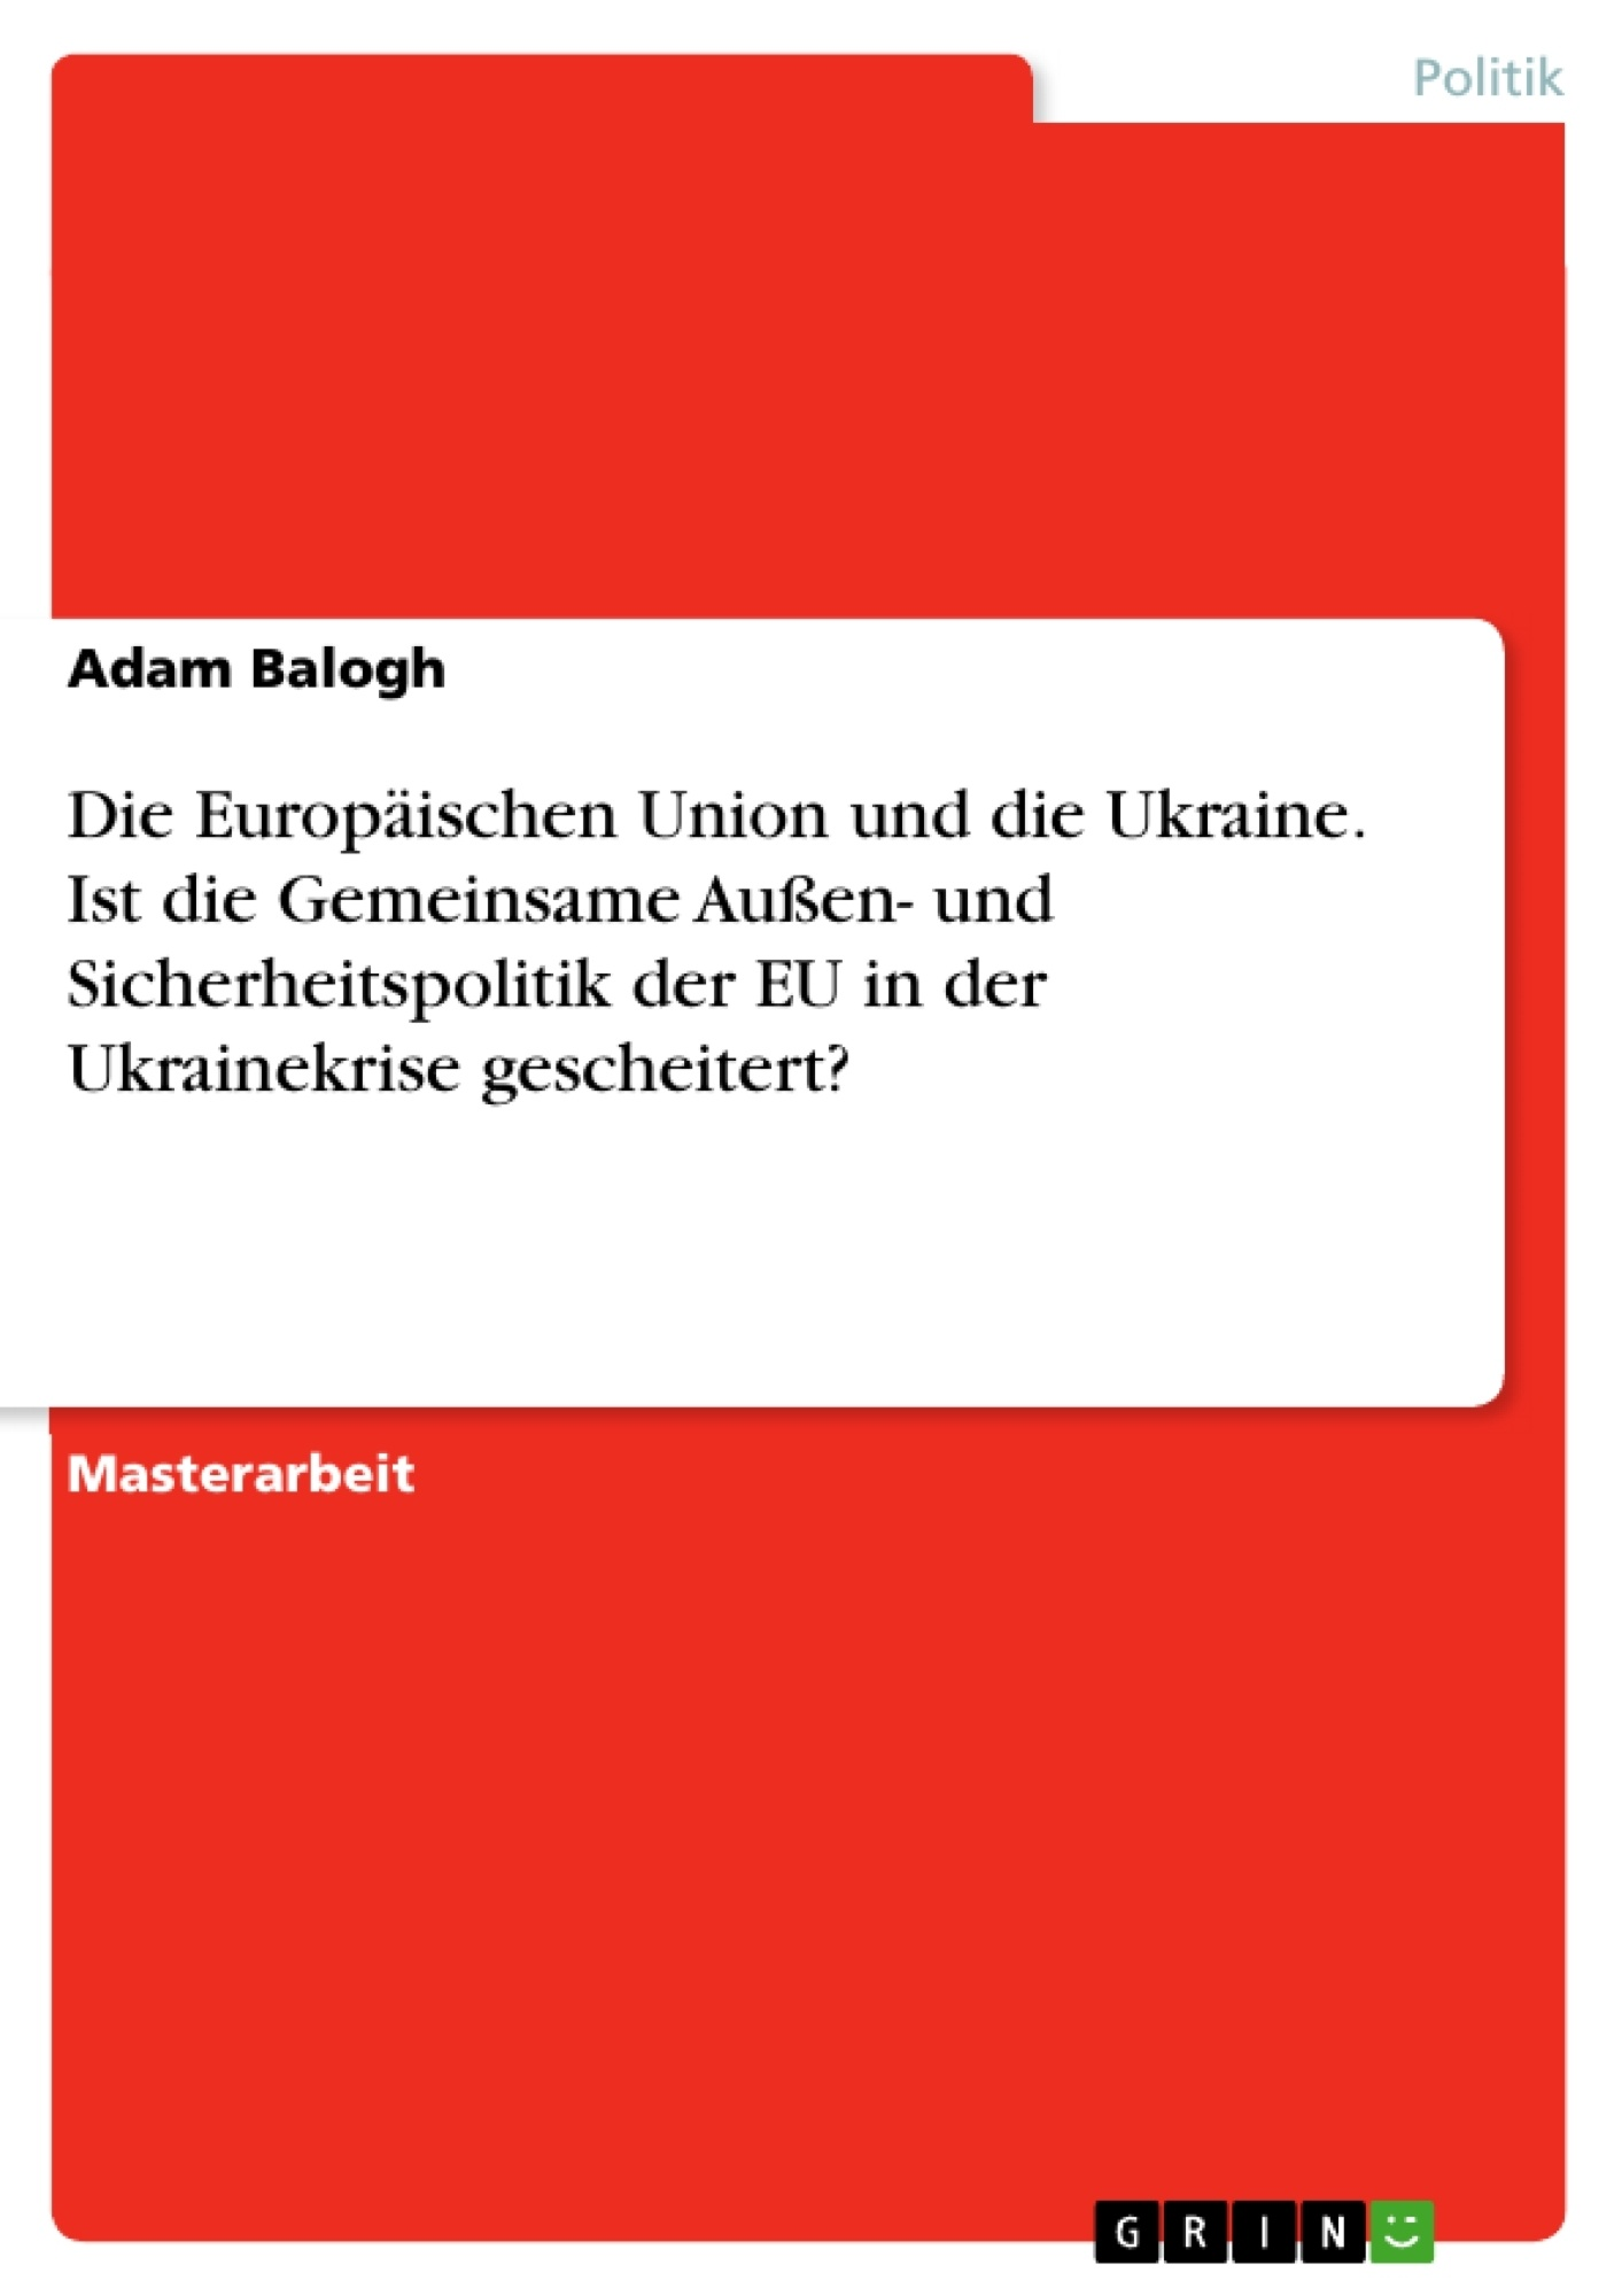 Titel: Die Europäischen Union und die Ukraine. Ist die Gemeinsame Außen- und Sicherheitspolitik der EU in der Ukrainekrise gescheitert?